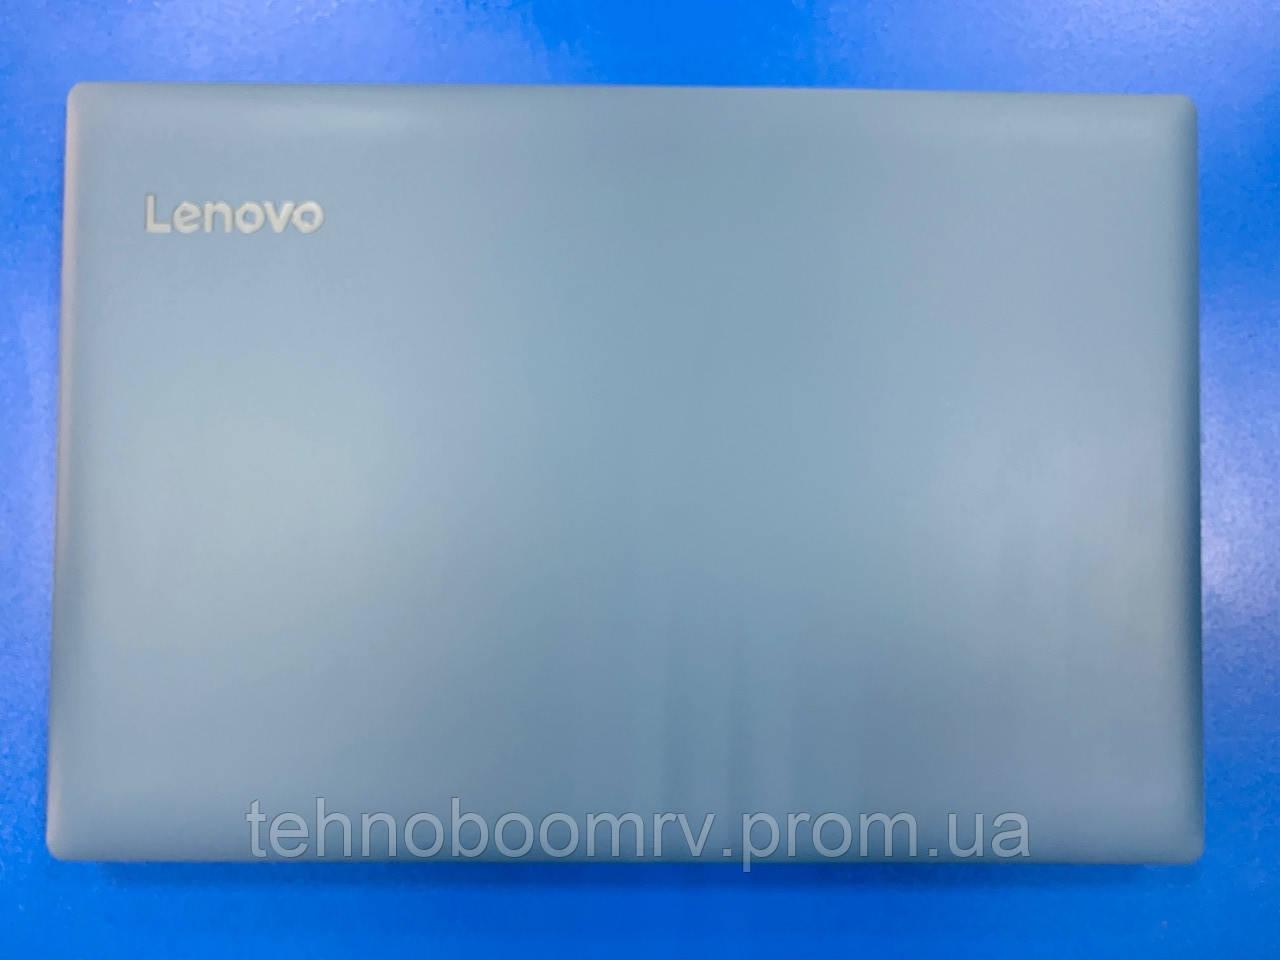 Игровой Lenovo/15.6 FHD/Intel i5-8250U 3.4GHz/DDR4 8GB/Карта MX150 2GBНет в наличии 4